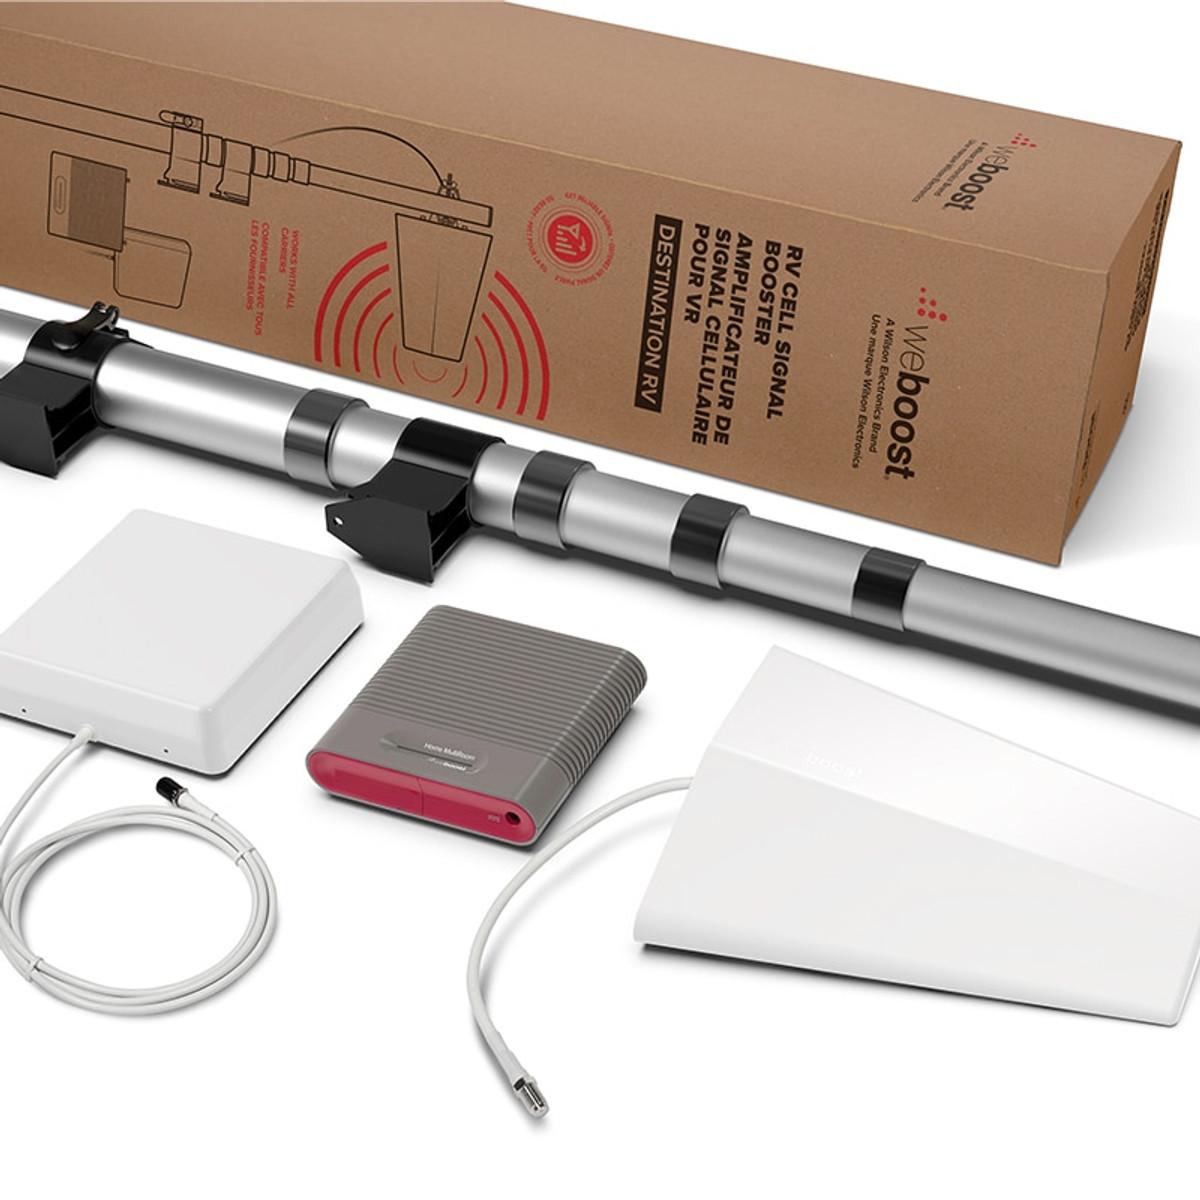 weBoost Destination RV Cellphone Signal Booster Kit - 470159